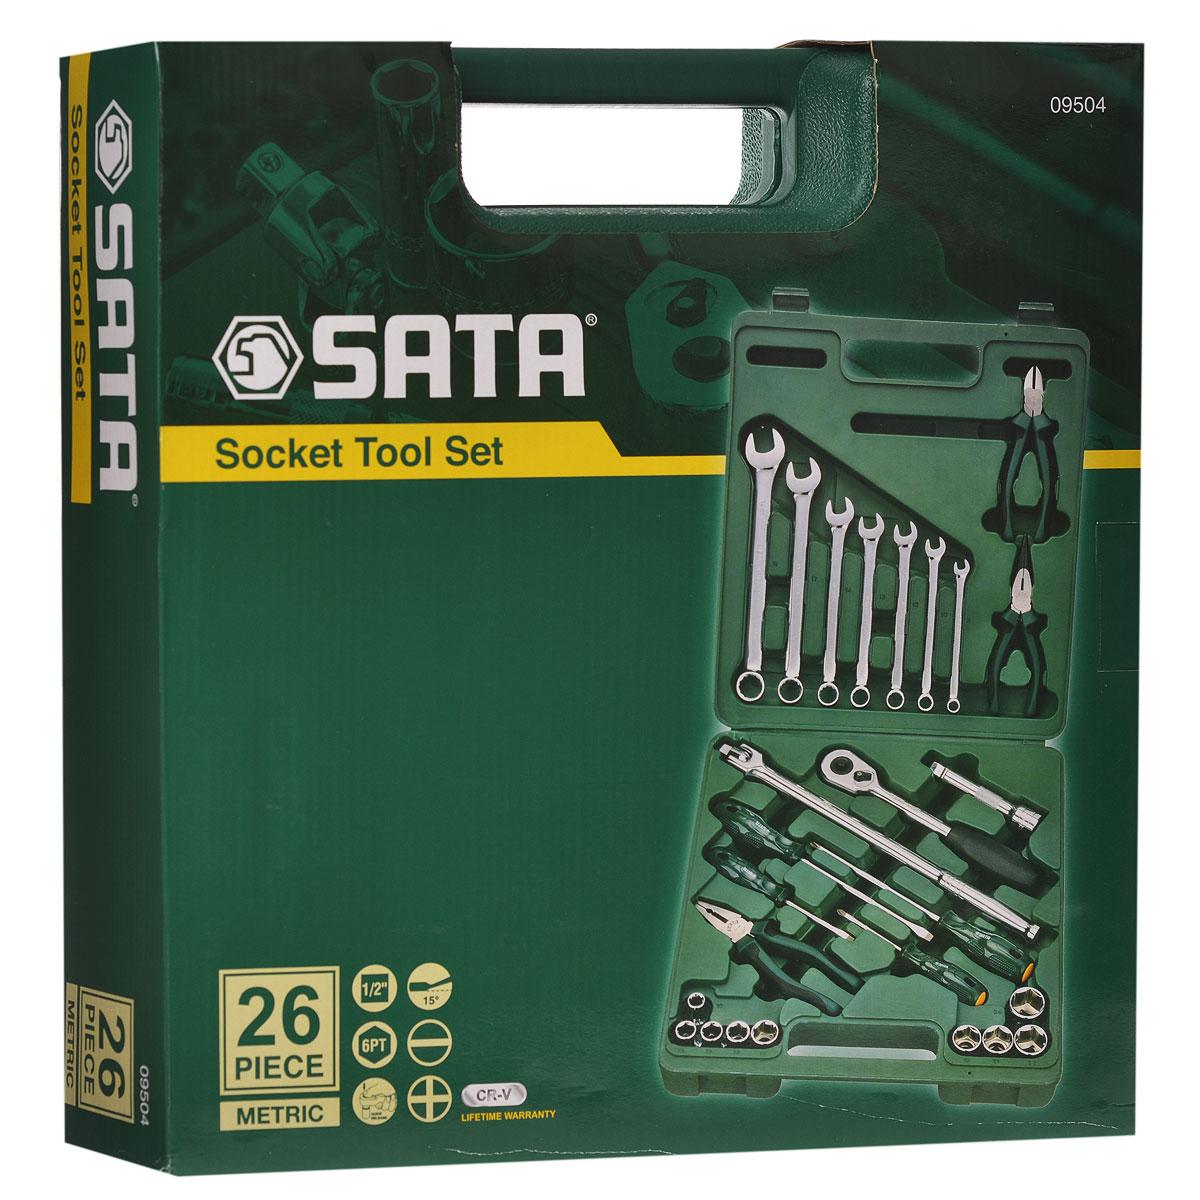 Набор инструментов SATA 26пр. 0950498293777Набор инструментов Sata - это необходимый предмет в каждом доме. Он включает в себя 26 предметов, которые умещаются в небольшом пластиковом кейсе. Такой набор будет идеальным подарком мужчине.Состав набора:Головки торцовые шестигранные 1/2: 10 мм, 12 мм, 13 мм, 14 мм, 17 мм, 19 мм, 21 мм, 22 мм, 24 мм.Ключи комбинированные: 8 мм, 10 мм, 12 мм, 14 мм, 16 мм, 17 мм, 19 мм.Ключ трещоточный 1/2.Удлинитель 1/2: 125 мм. Рычаг угловой 1/2: 260 мм.Отвертки Phillips: РН1 х 75 мм, РH2 х 150 мм.Отвертки шлицевые: 5 мм х 75 мм, 6 мм х 150 мм.Тонкогубцы: 150 мм.Бокорезы: 160 мм.Плоскогубцы: 180 мм.